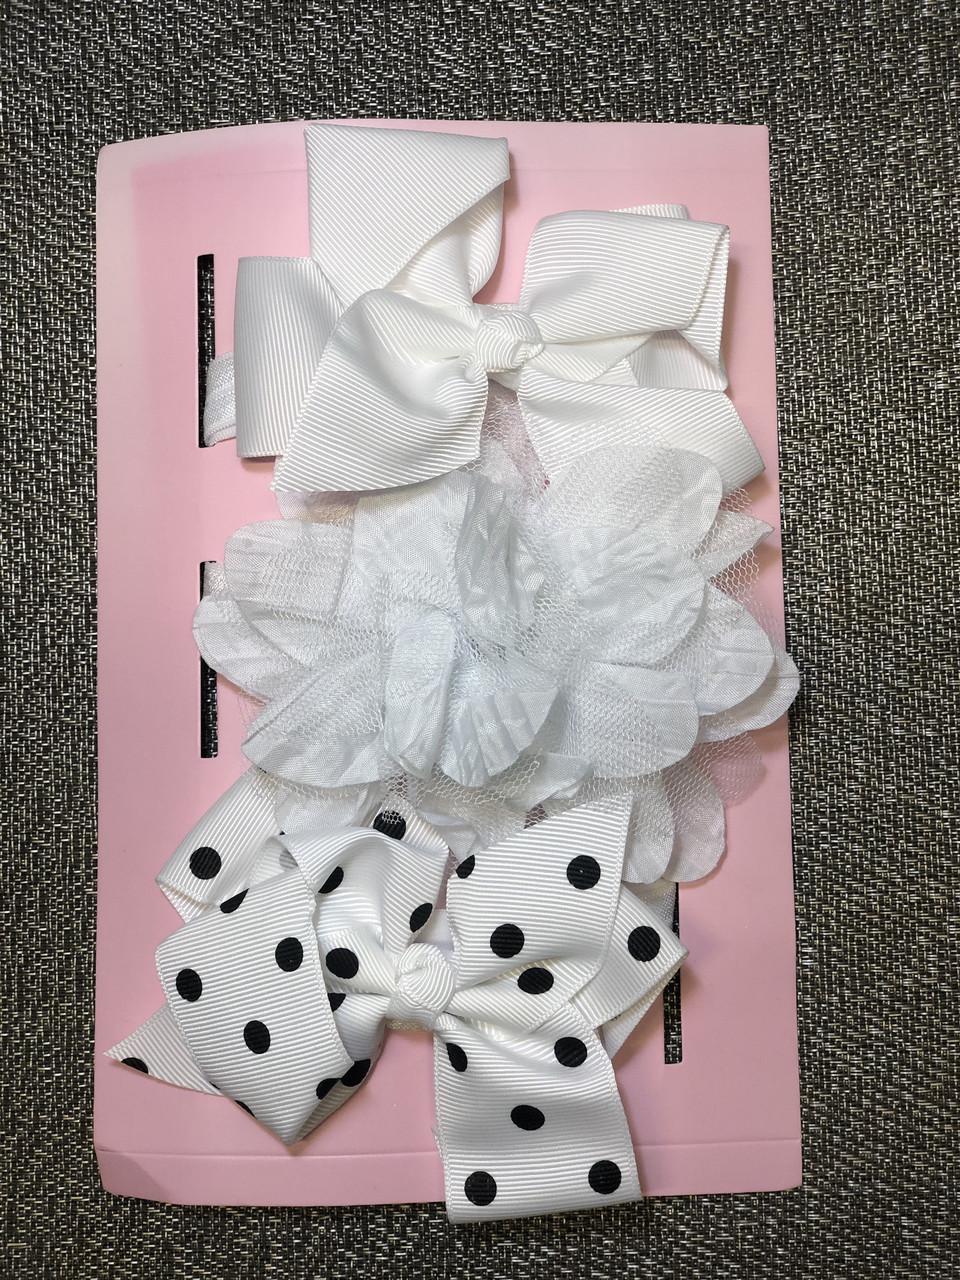 Повязка Набір для дівчинки, біла, квіточки бантики, набор для девочки, белая цветочки